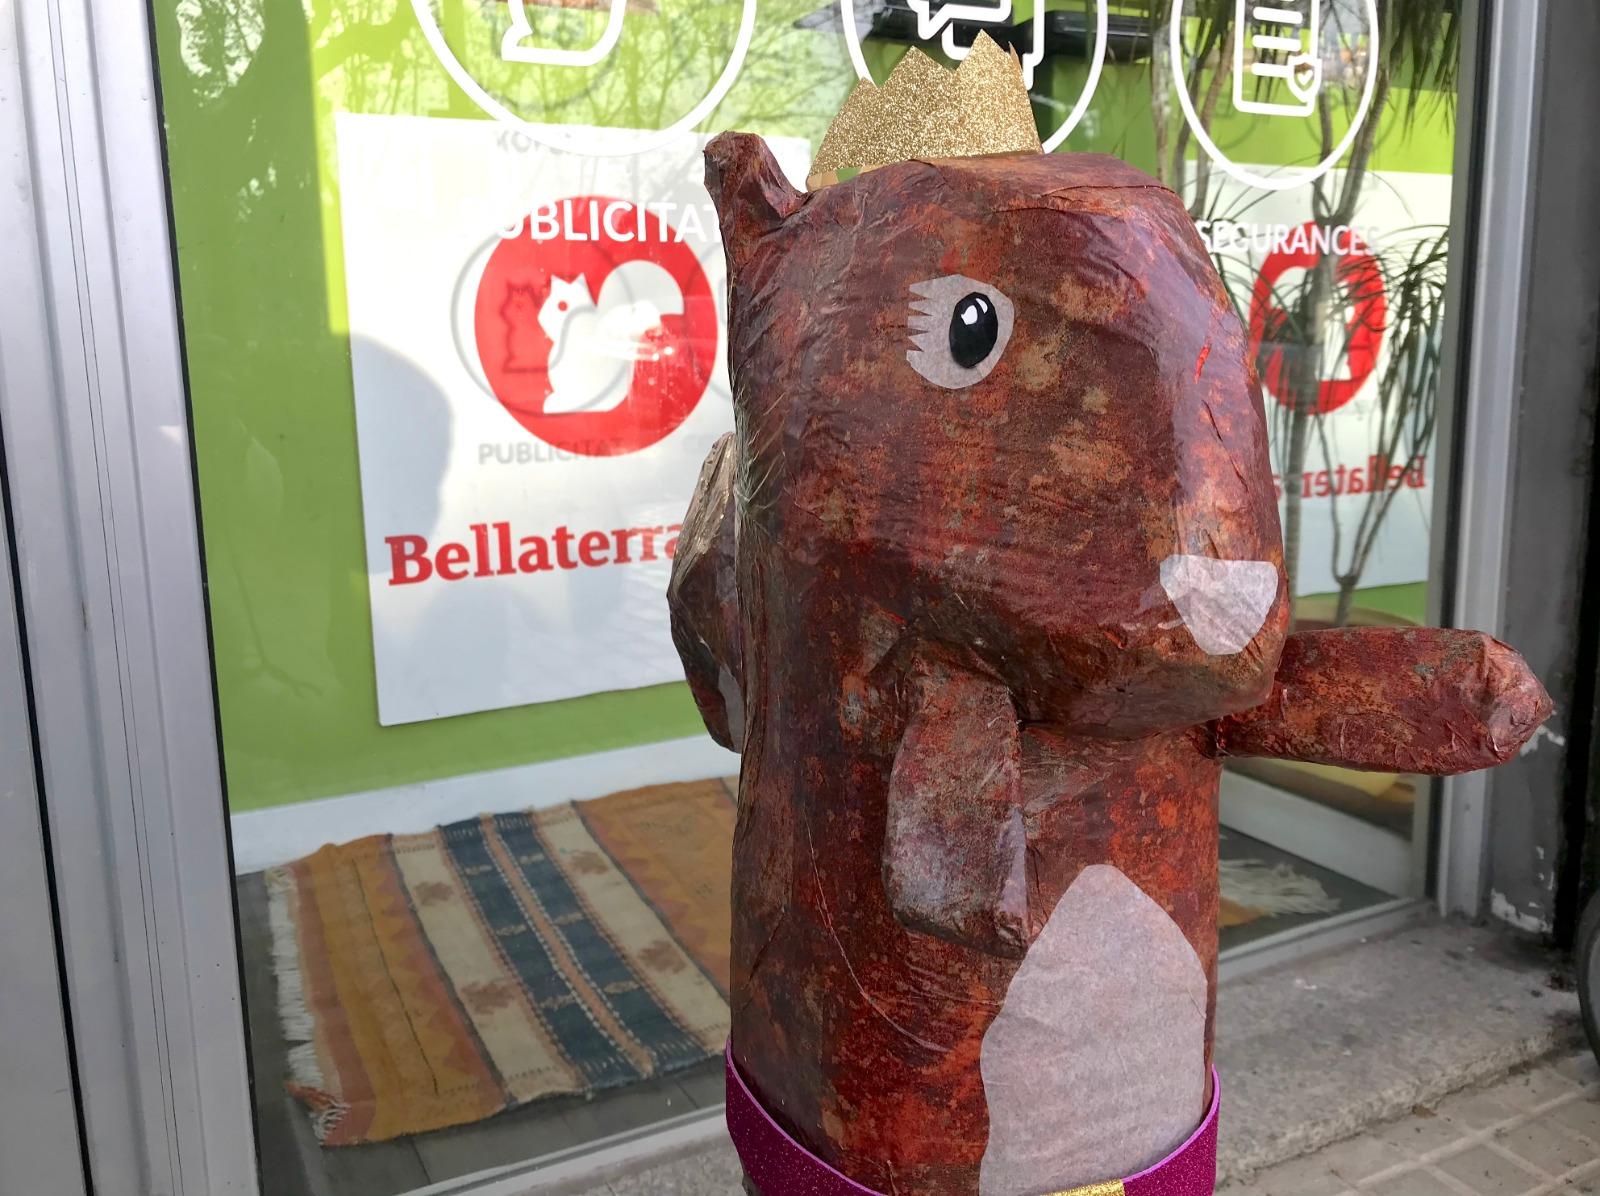 L'esquirol reial de Bellaterra ha recollit enguany les cartes dels infants del poble | Redacció